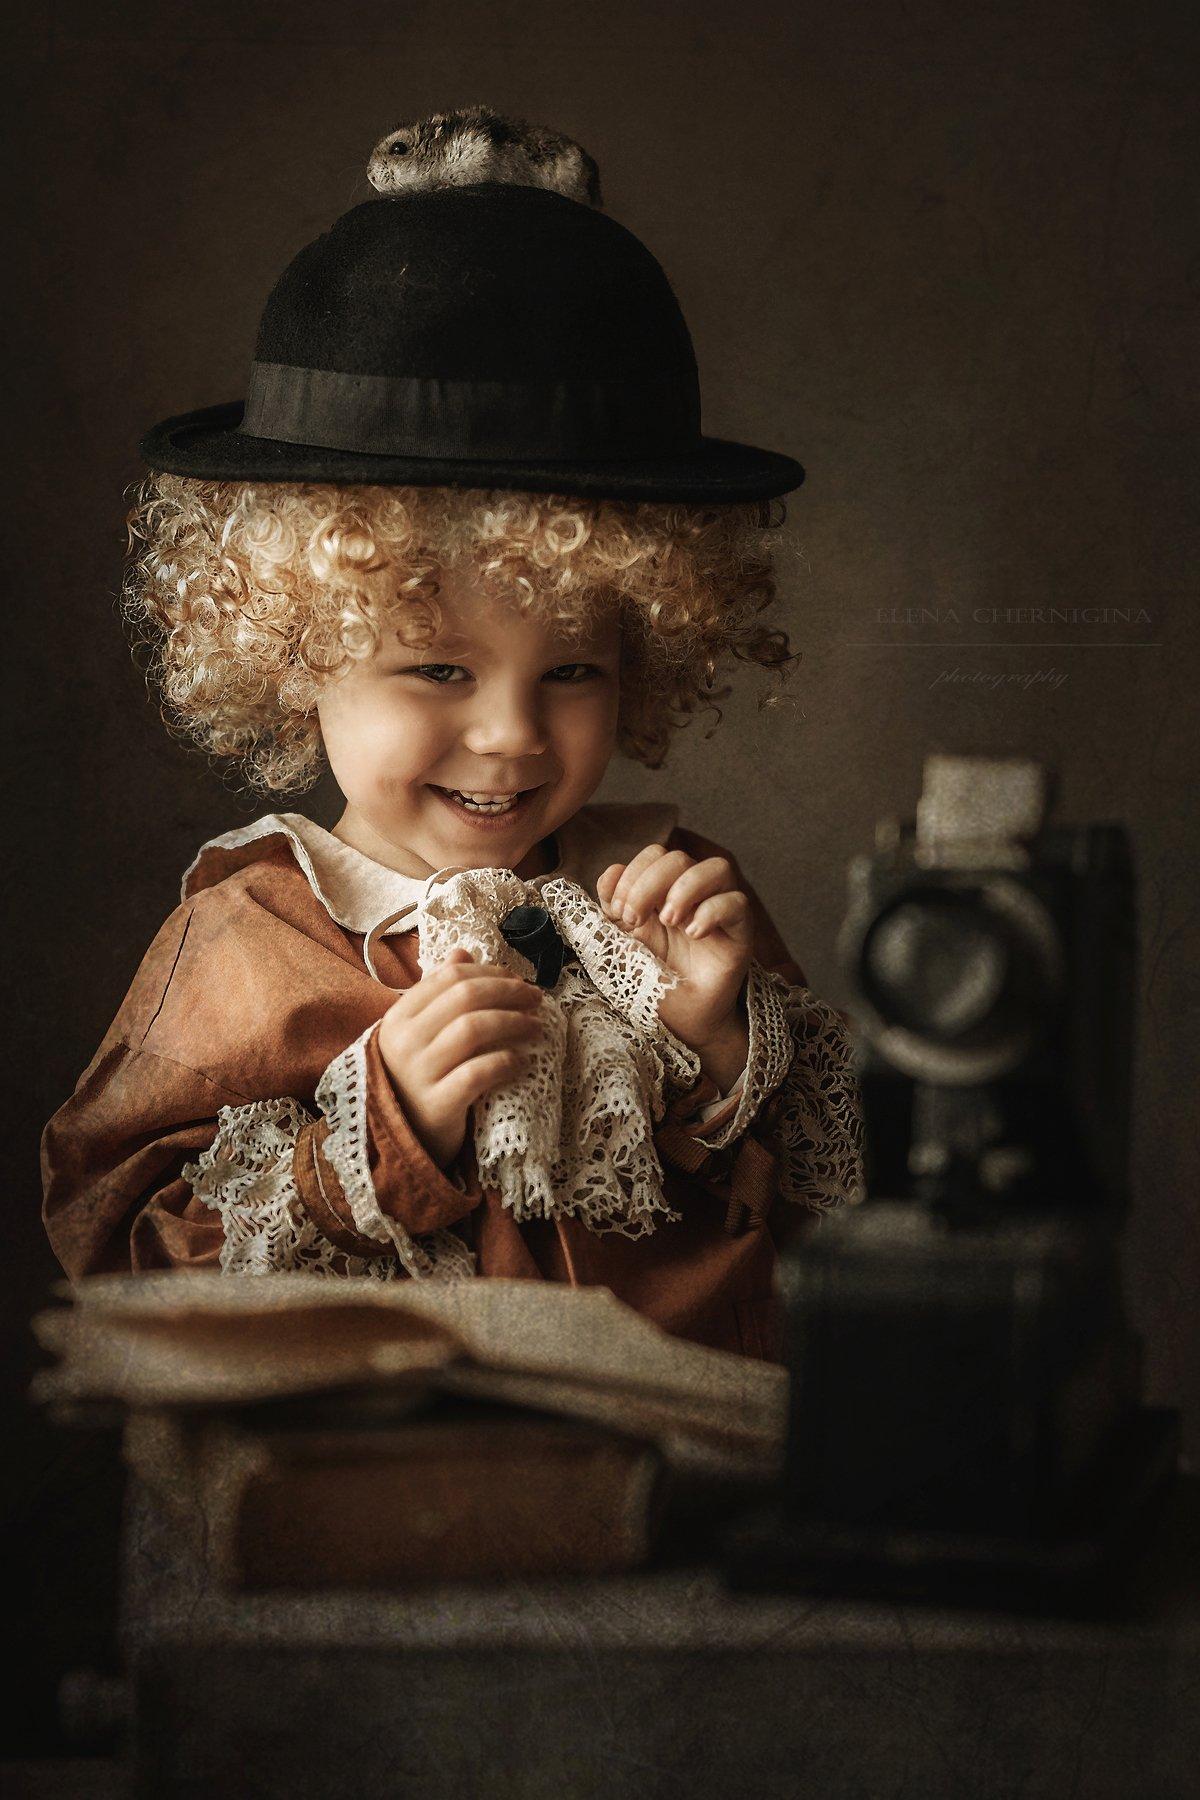 мальчик, дети, портрет, ребенок, животные, кудрявый, кудри, винтаж, ретро, кукла, Чернигина Елена